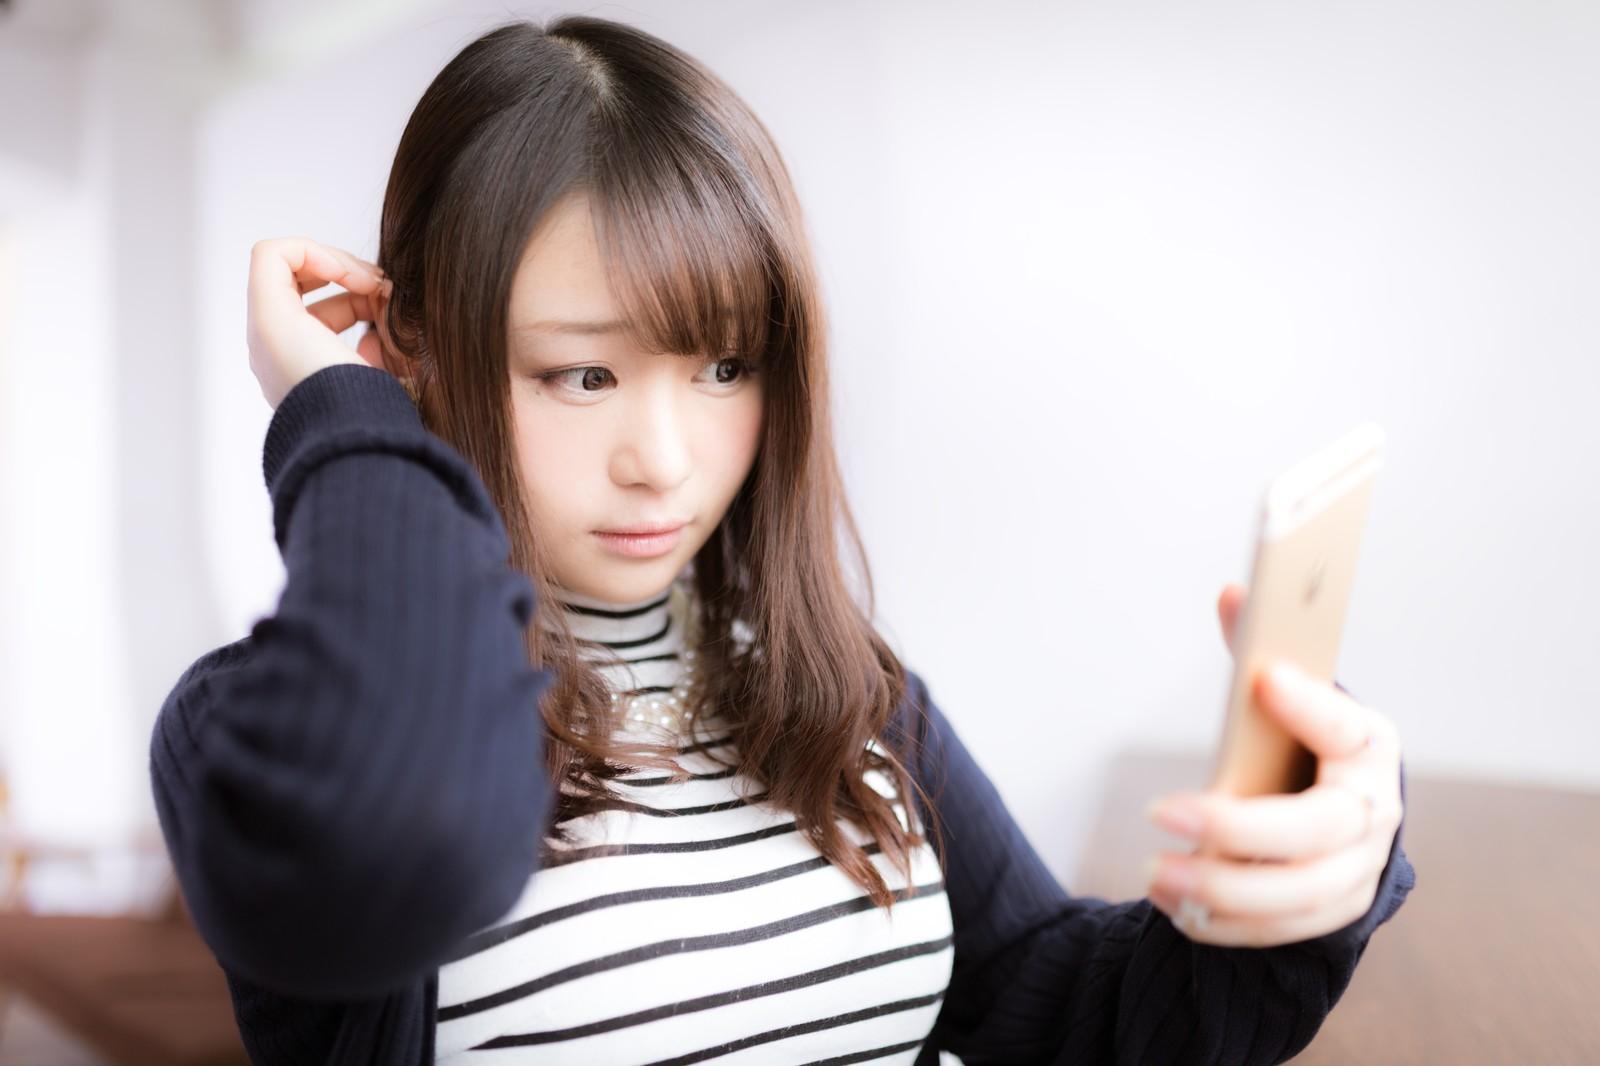 女性の髪型の変化などに気付くことができると良好な関係ができますよ~。